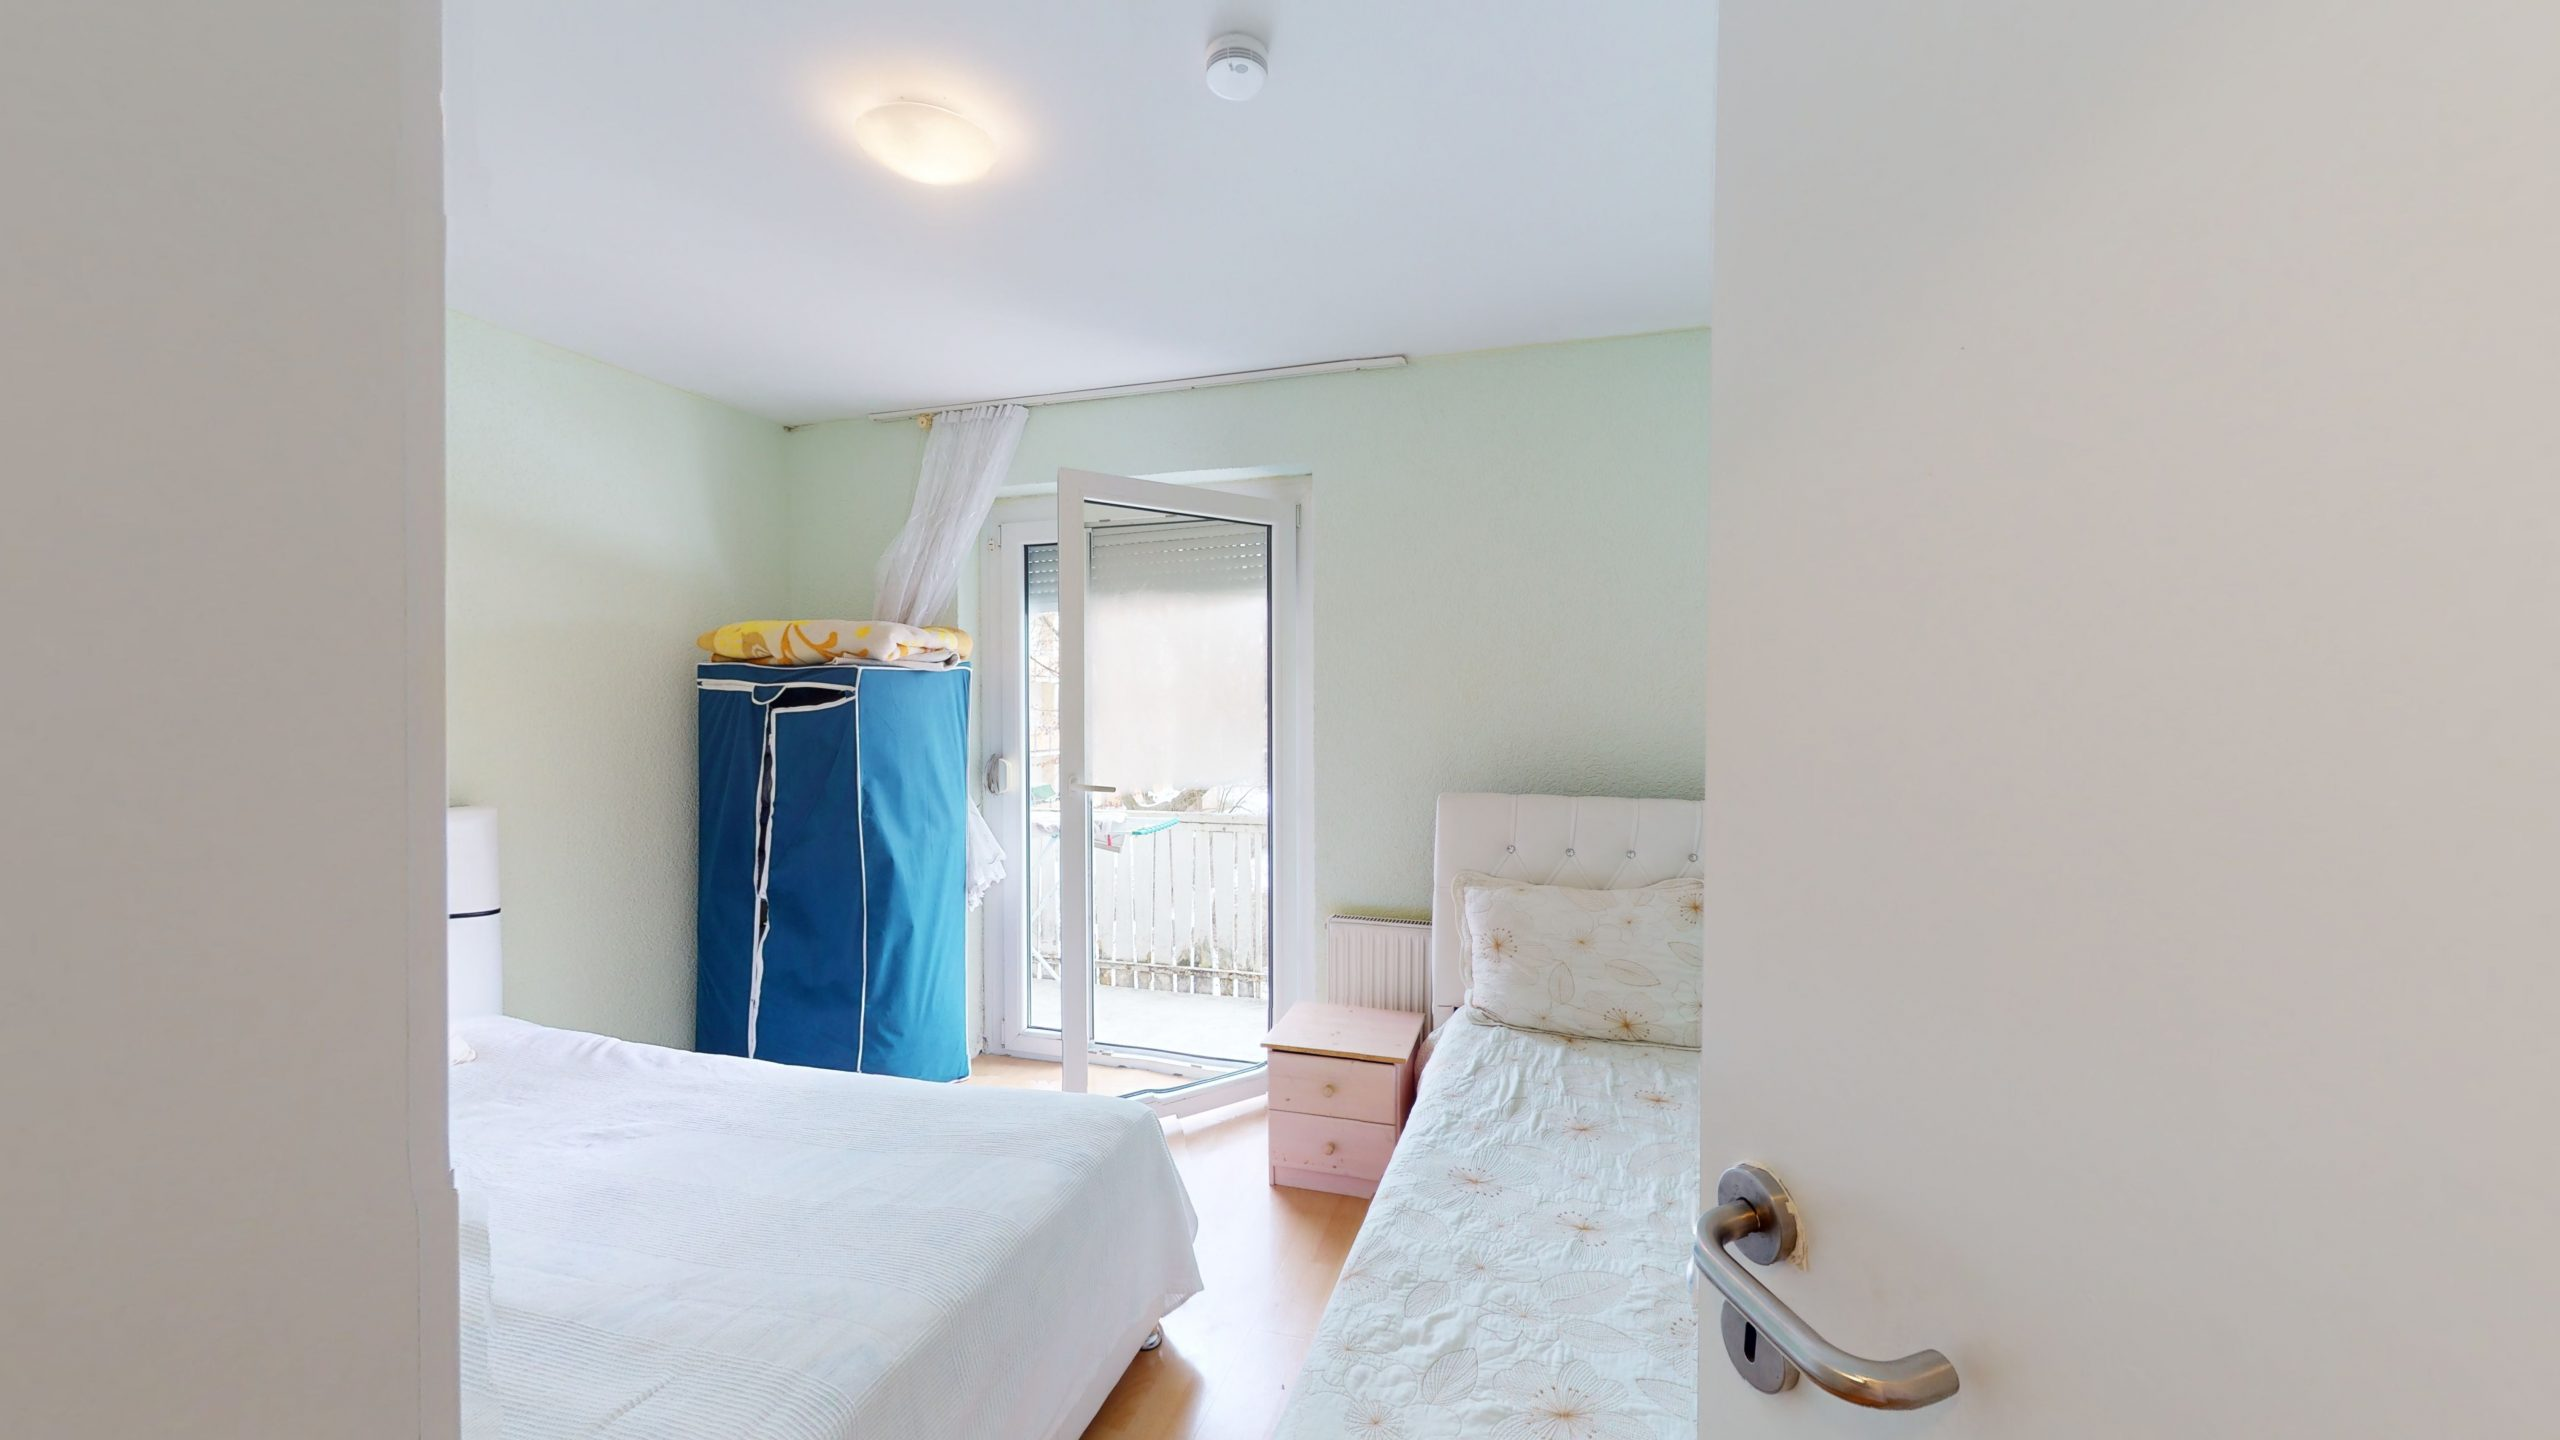 Schone-4-Zimmer-Wohnung-mit-2-Balkonen-und-viel-Platz-in-Altbach-02162021_101044